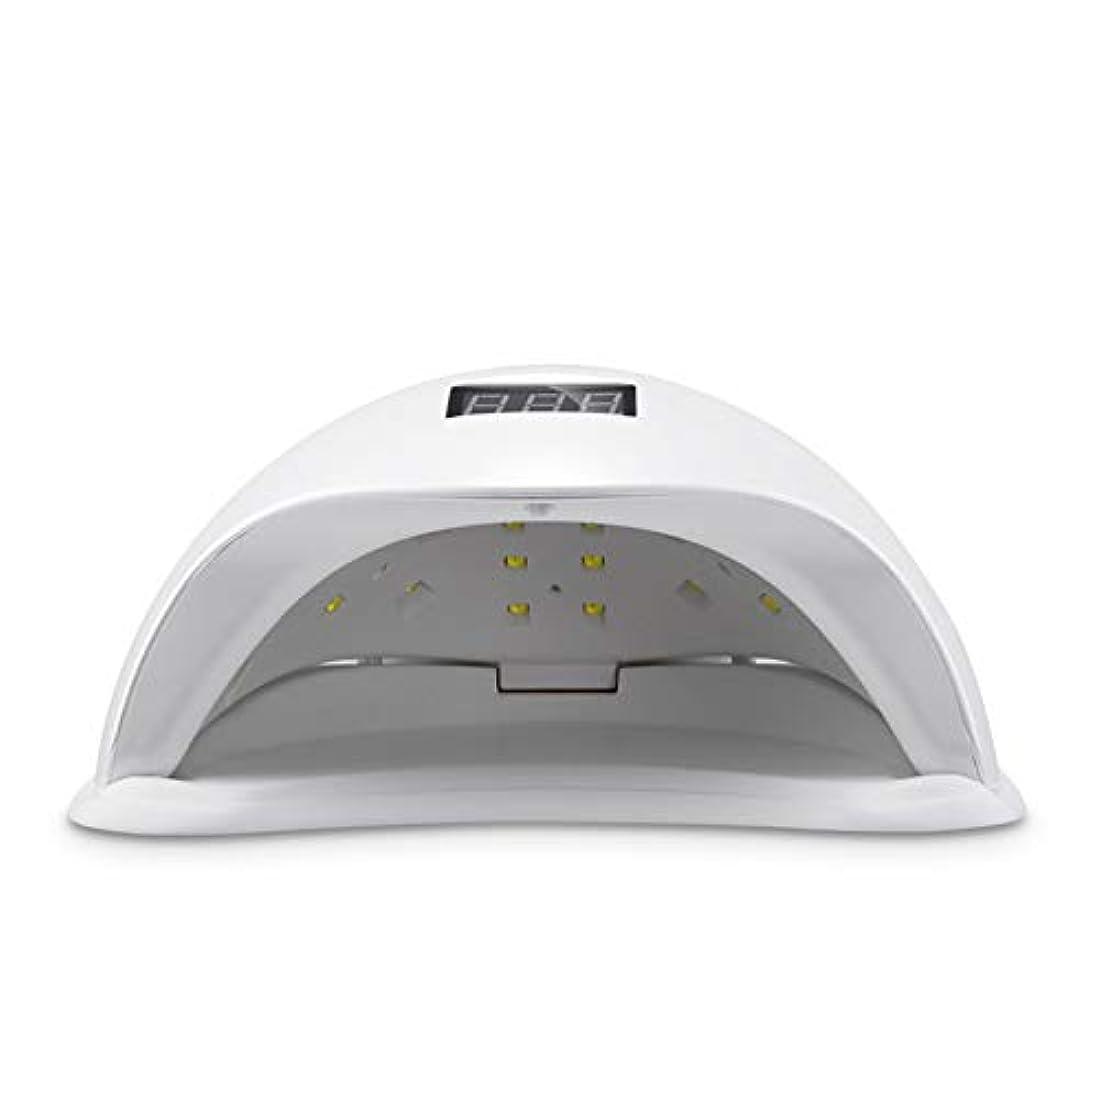 UVネイルランプ、ネイルドライヤー速乾LED UVネイルドライヤー、4タイマー設定